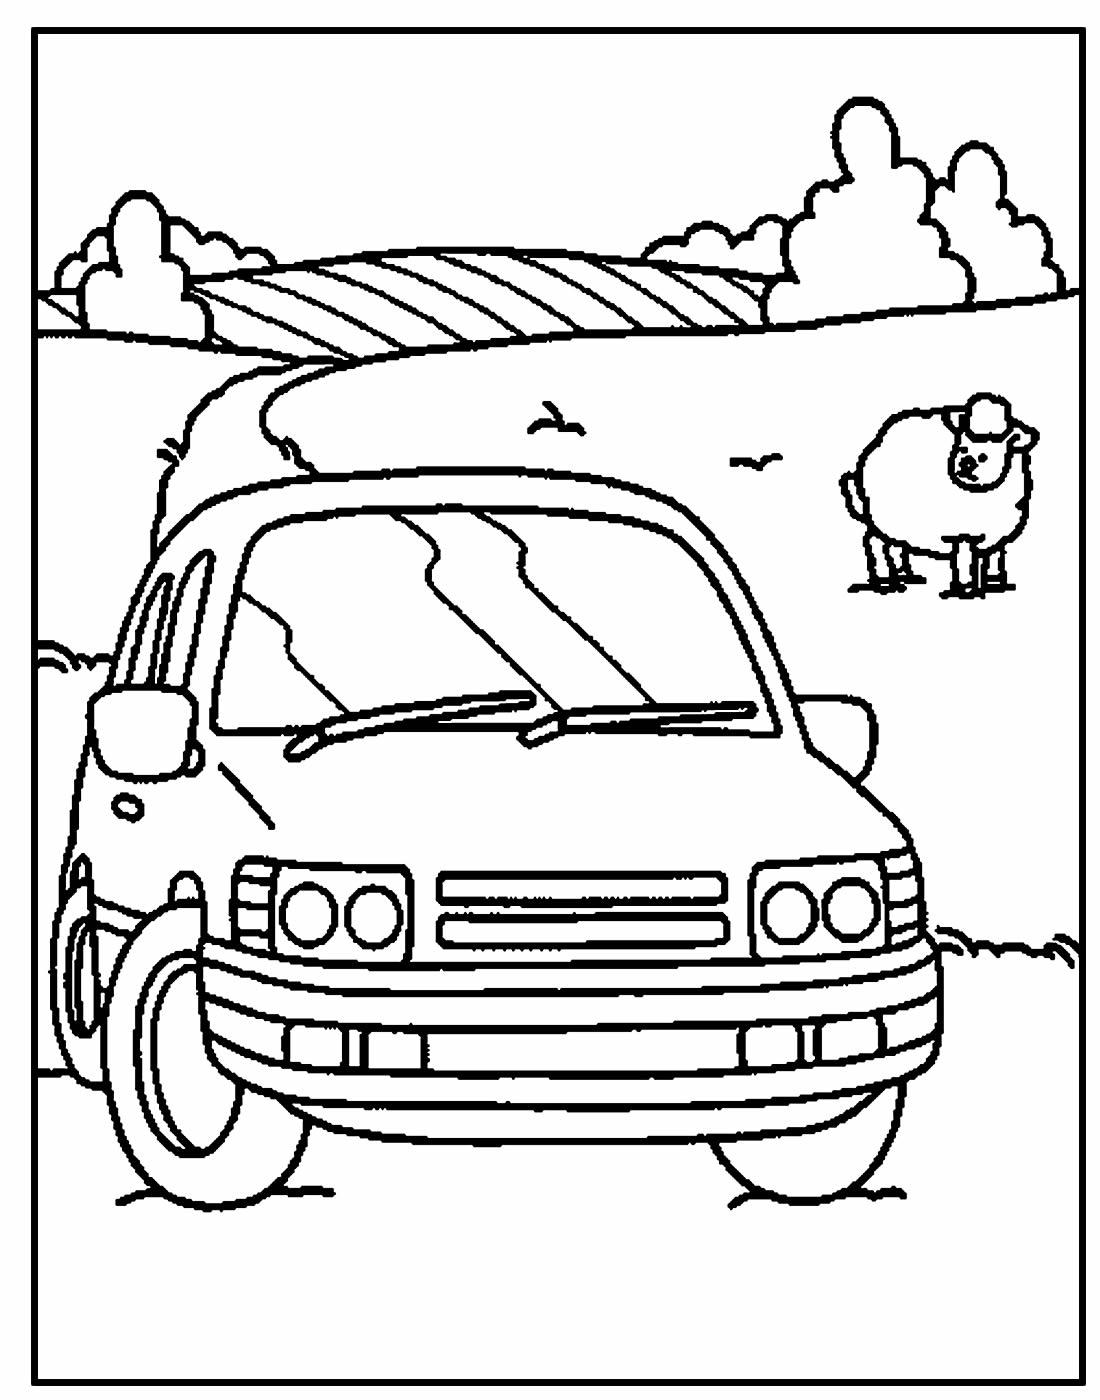 Desenho de Carro lindo para colorir